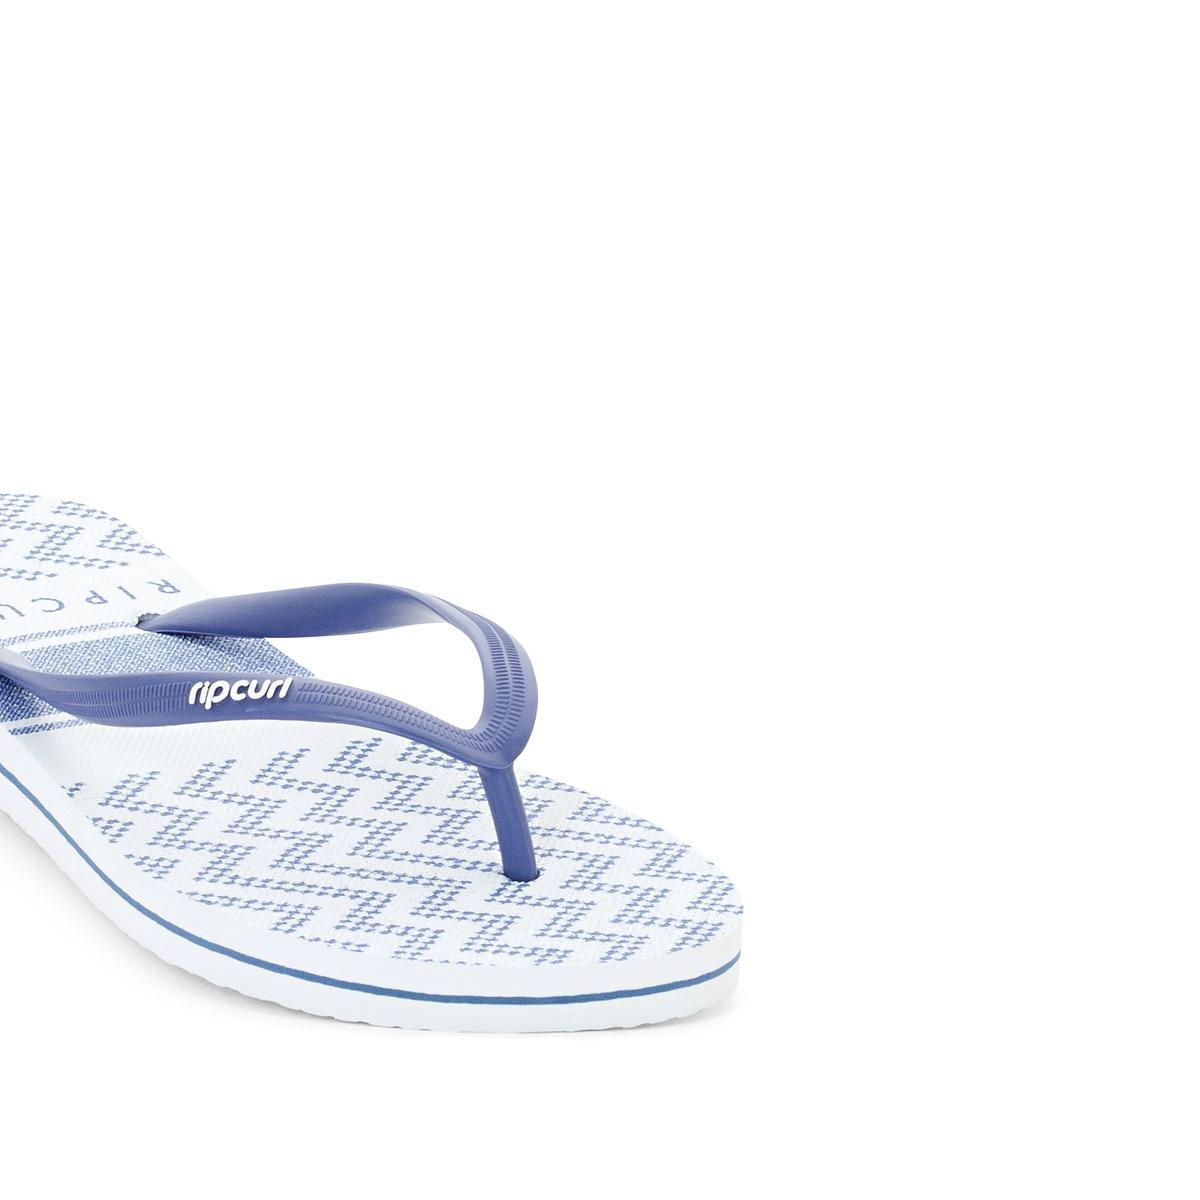 Вьетнамки Del Sol StripeВерх/Голенище : каучук   Стелька : синтетика   Подошва : каучук   Форма каблука : плоский каблук   Мысок : открытый мысок   Застежка : без застежки<br><br>Цвет: темно-синий<br>Размер: 39